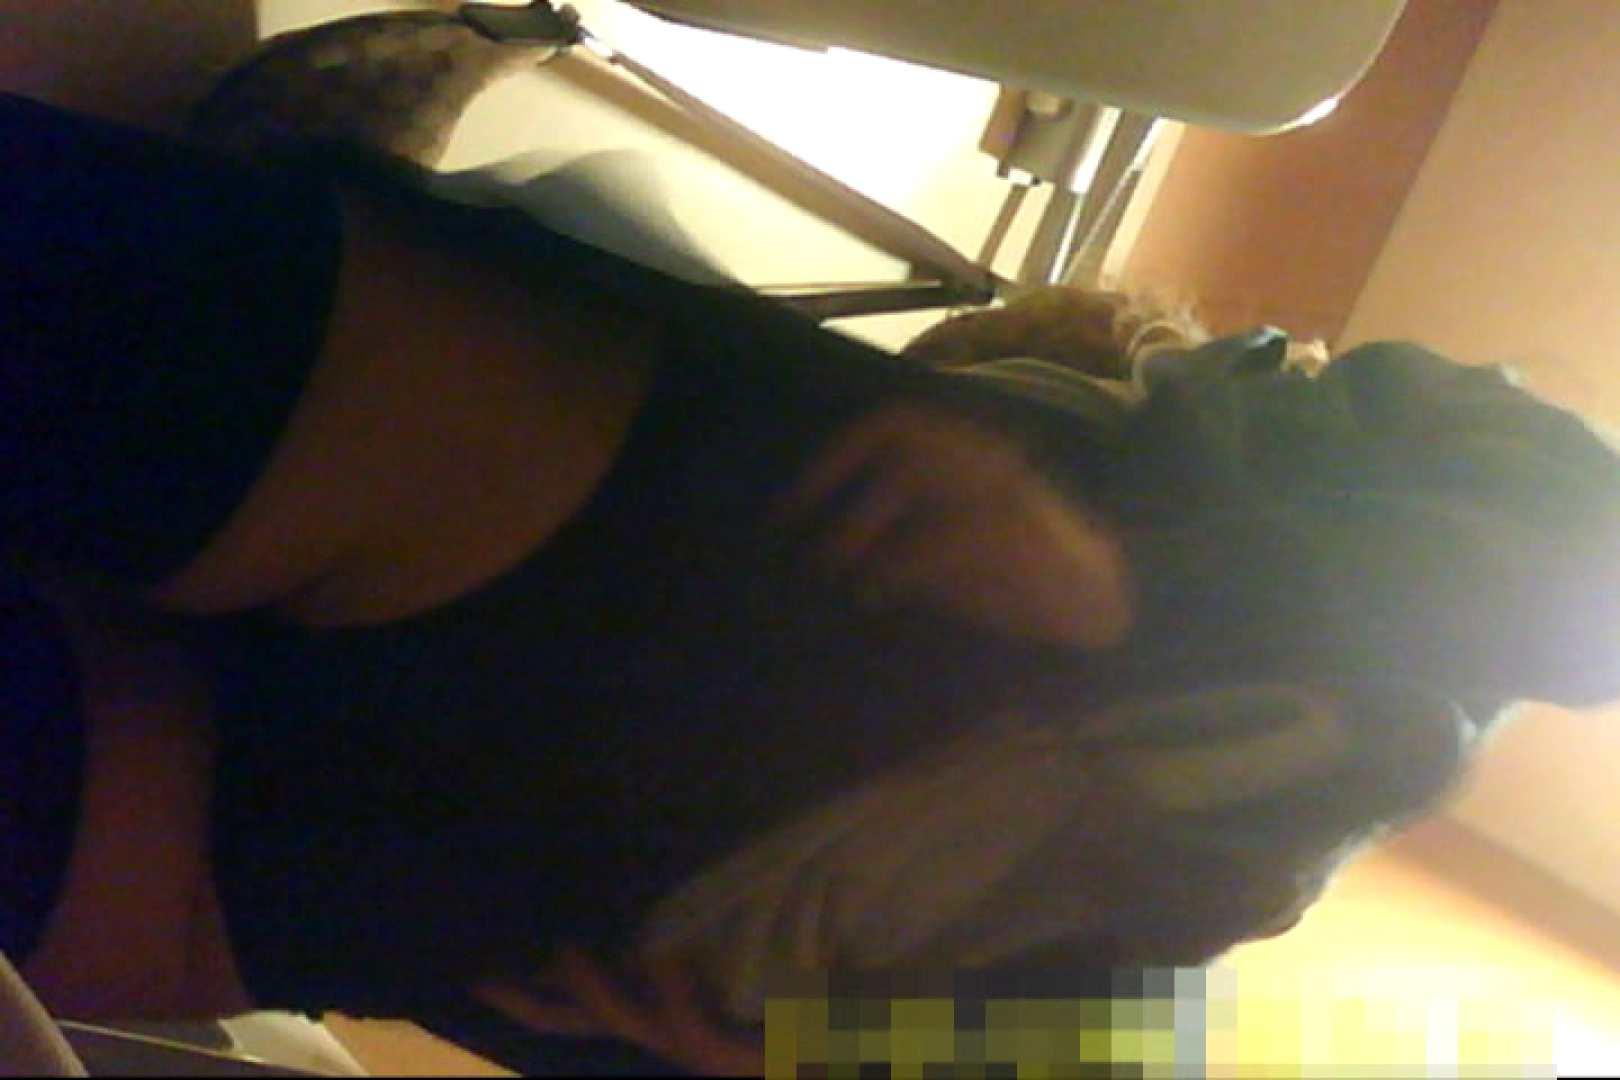 魅惑の化粧室~禁断のプライベート空間~32 プライベート映像お届け | エッチすぎる美女  93連発 37